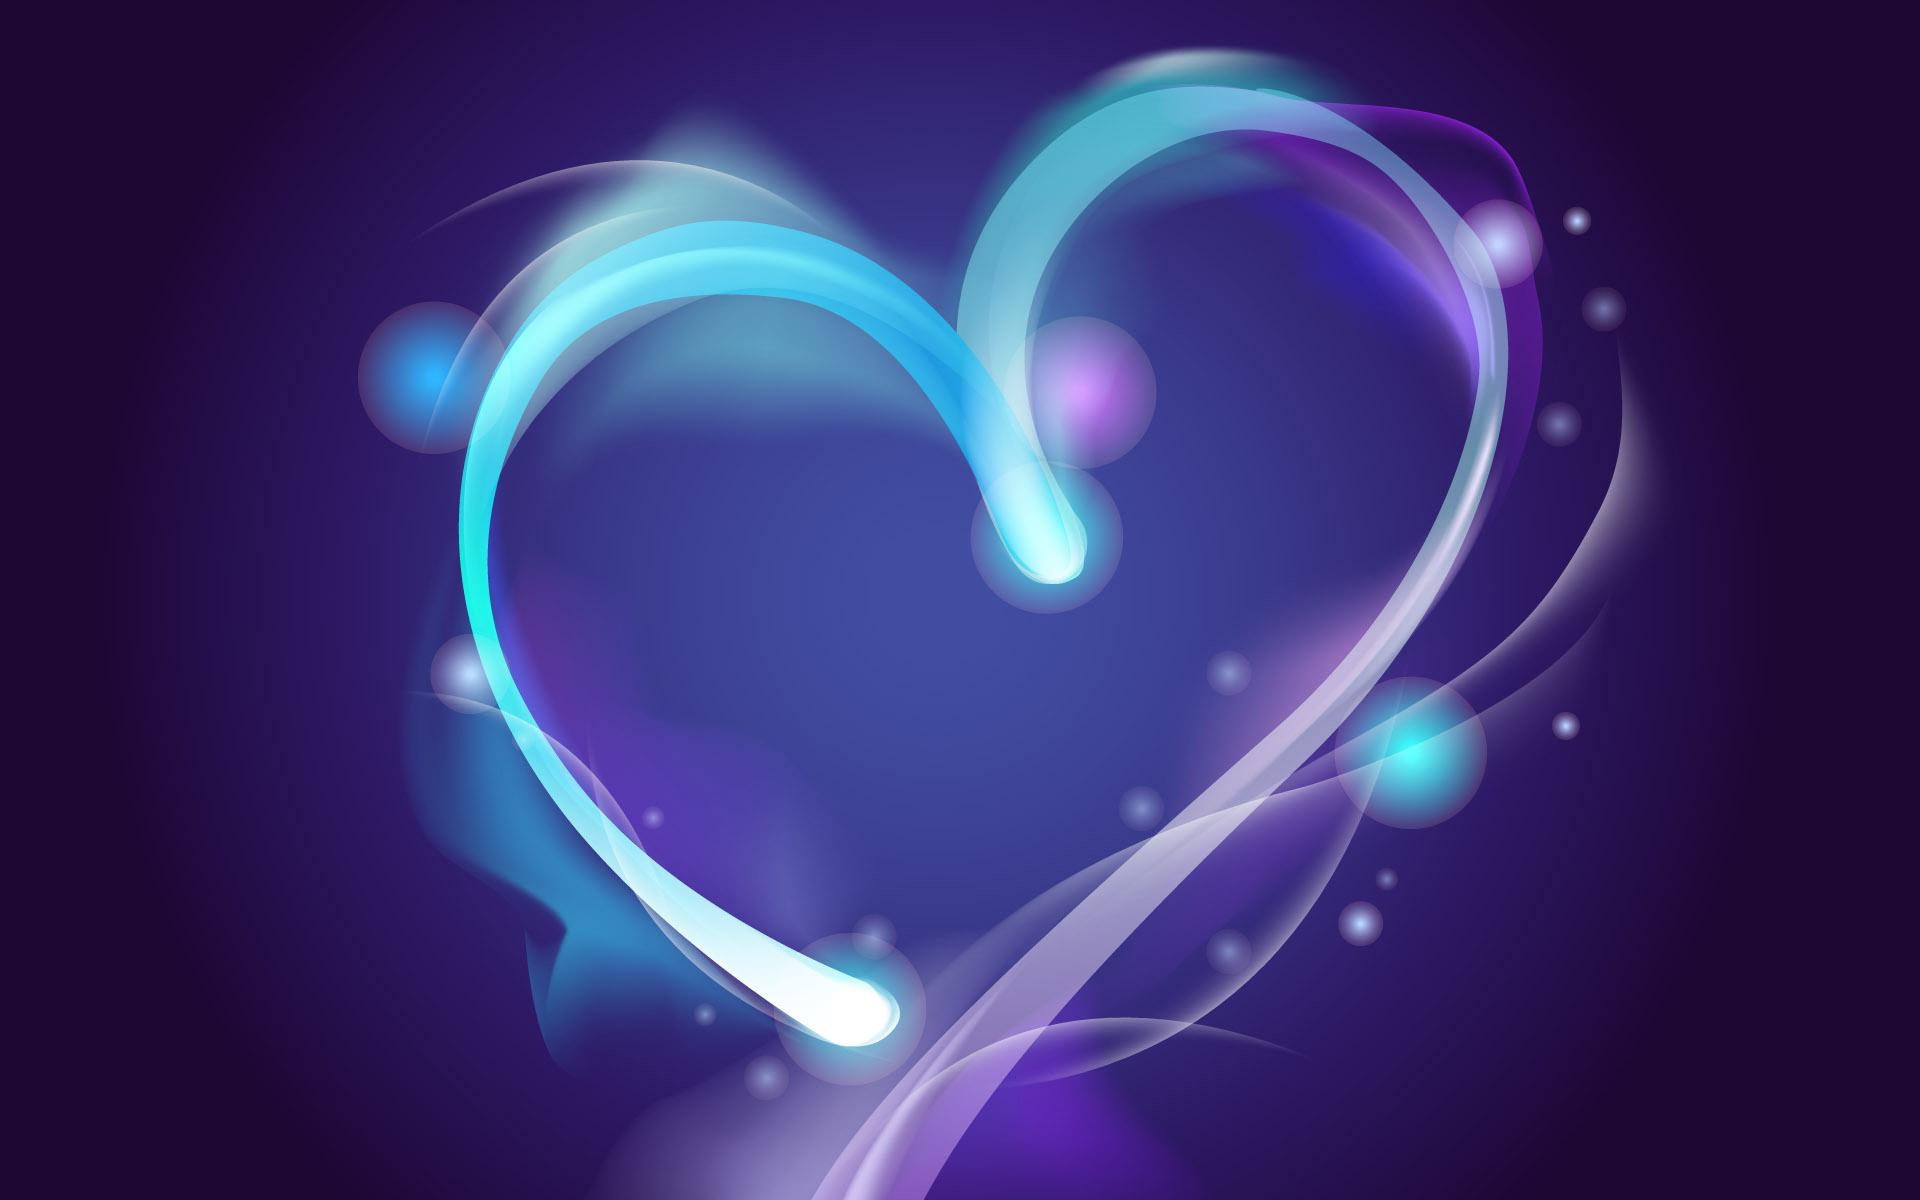 3d Art Heart Blue 1920x1200